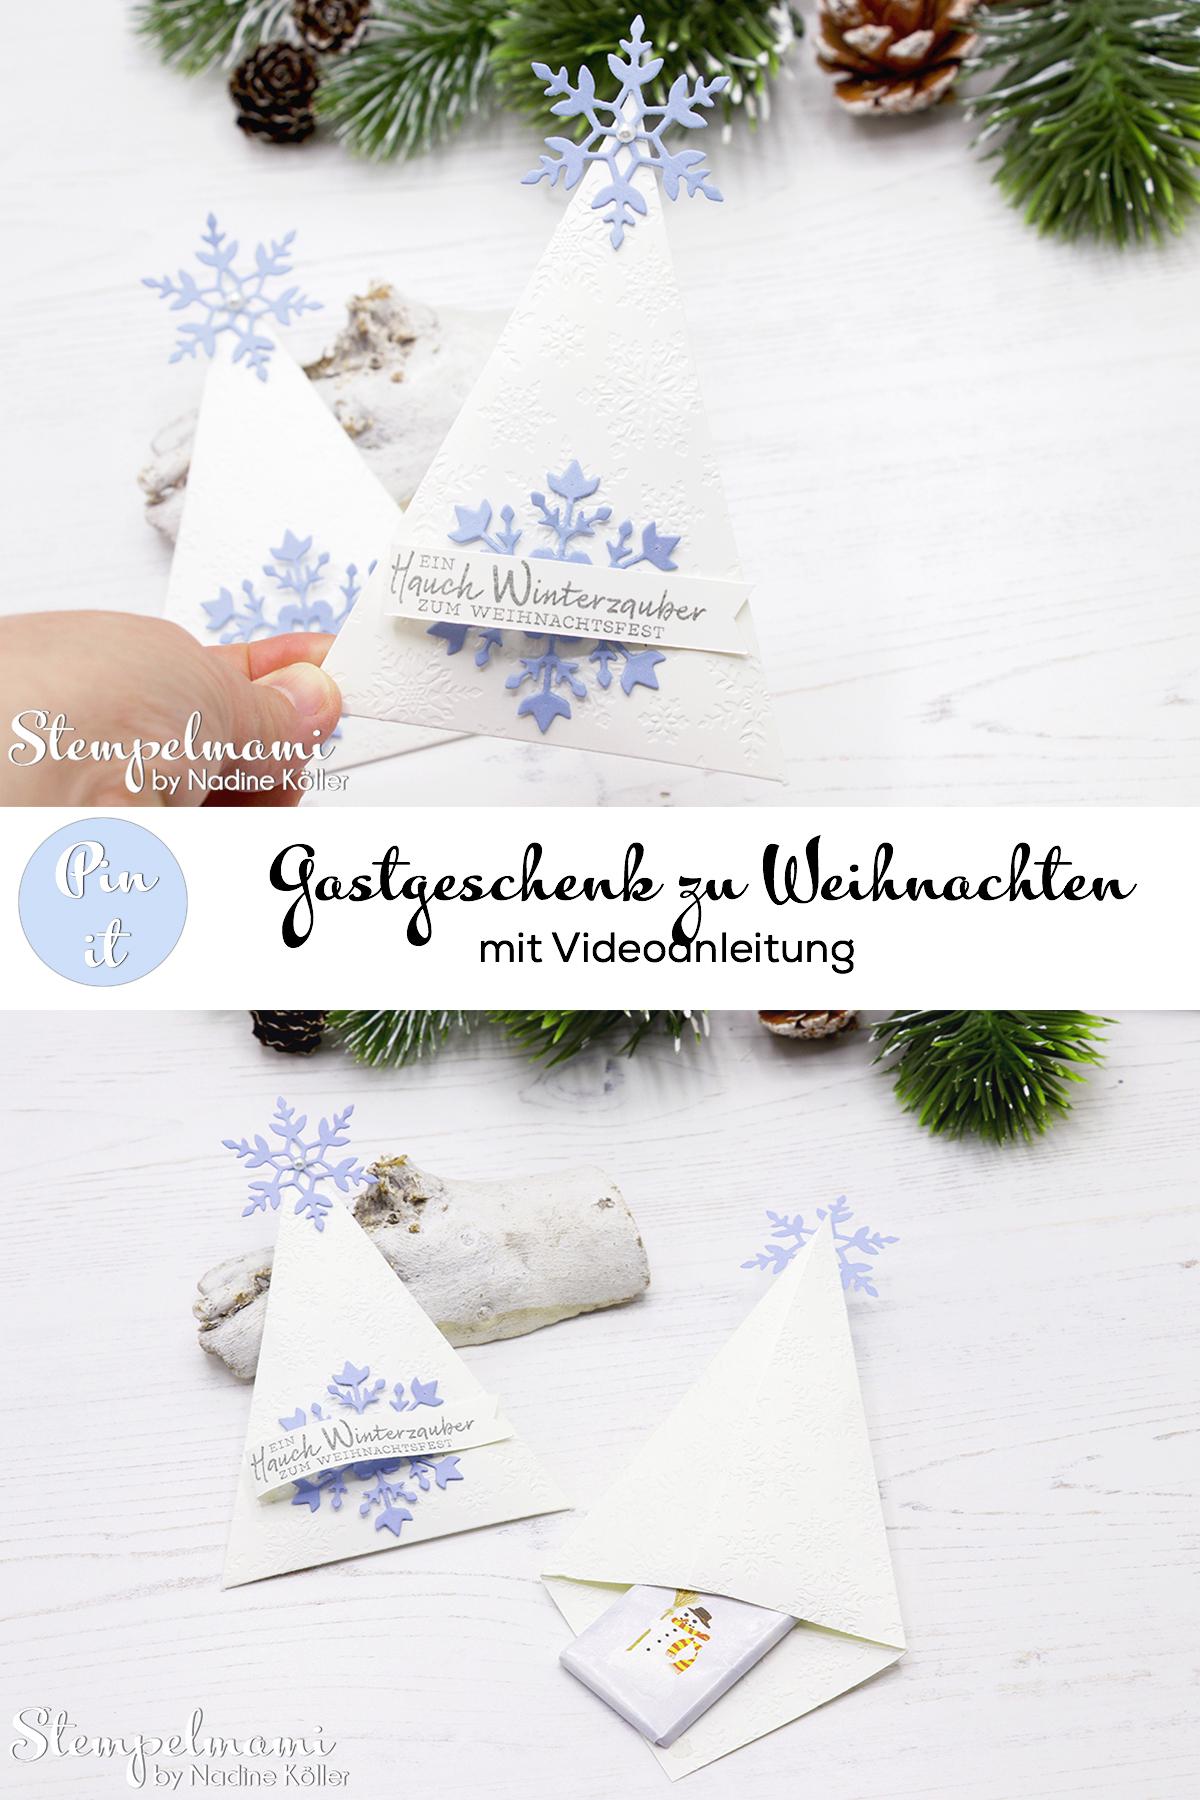 Stampin Up Gastgeschenk zu Weihnachten Weihnachtliches Goodie Tischdekoration zu Weihnachten Schneeflockewuensche Stempelmami Instagram Adventskalender 8